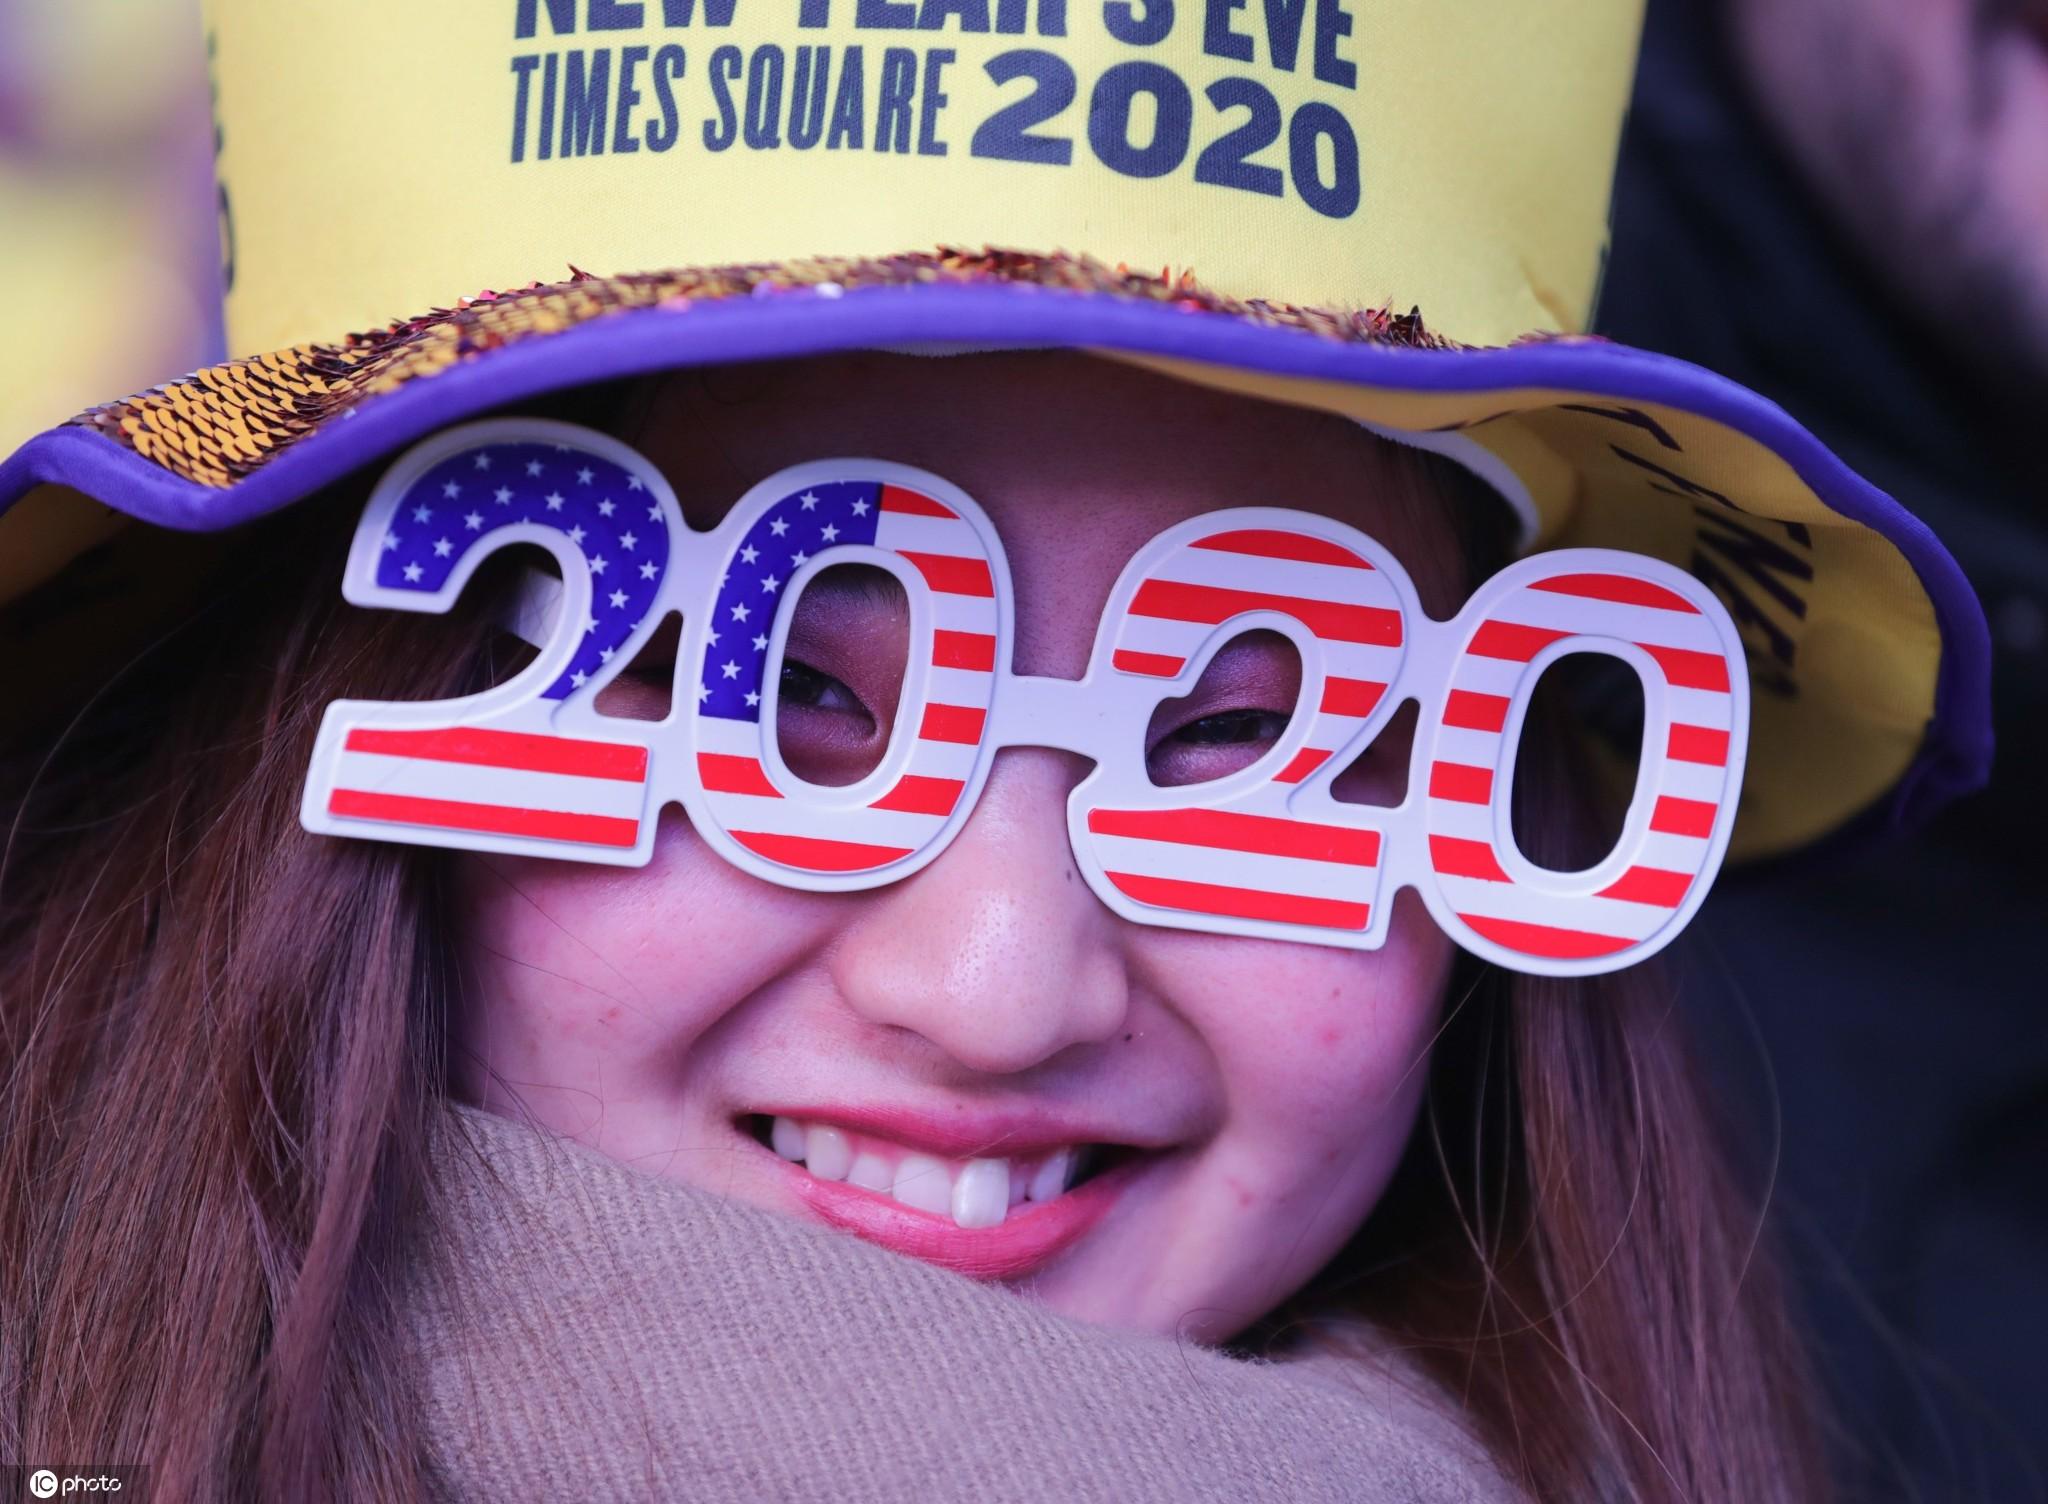 114年首次:美国纽约时代广场跨年流动改线上举行 第2张